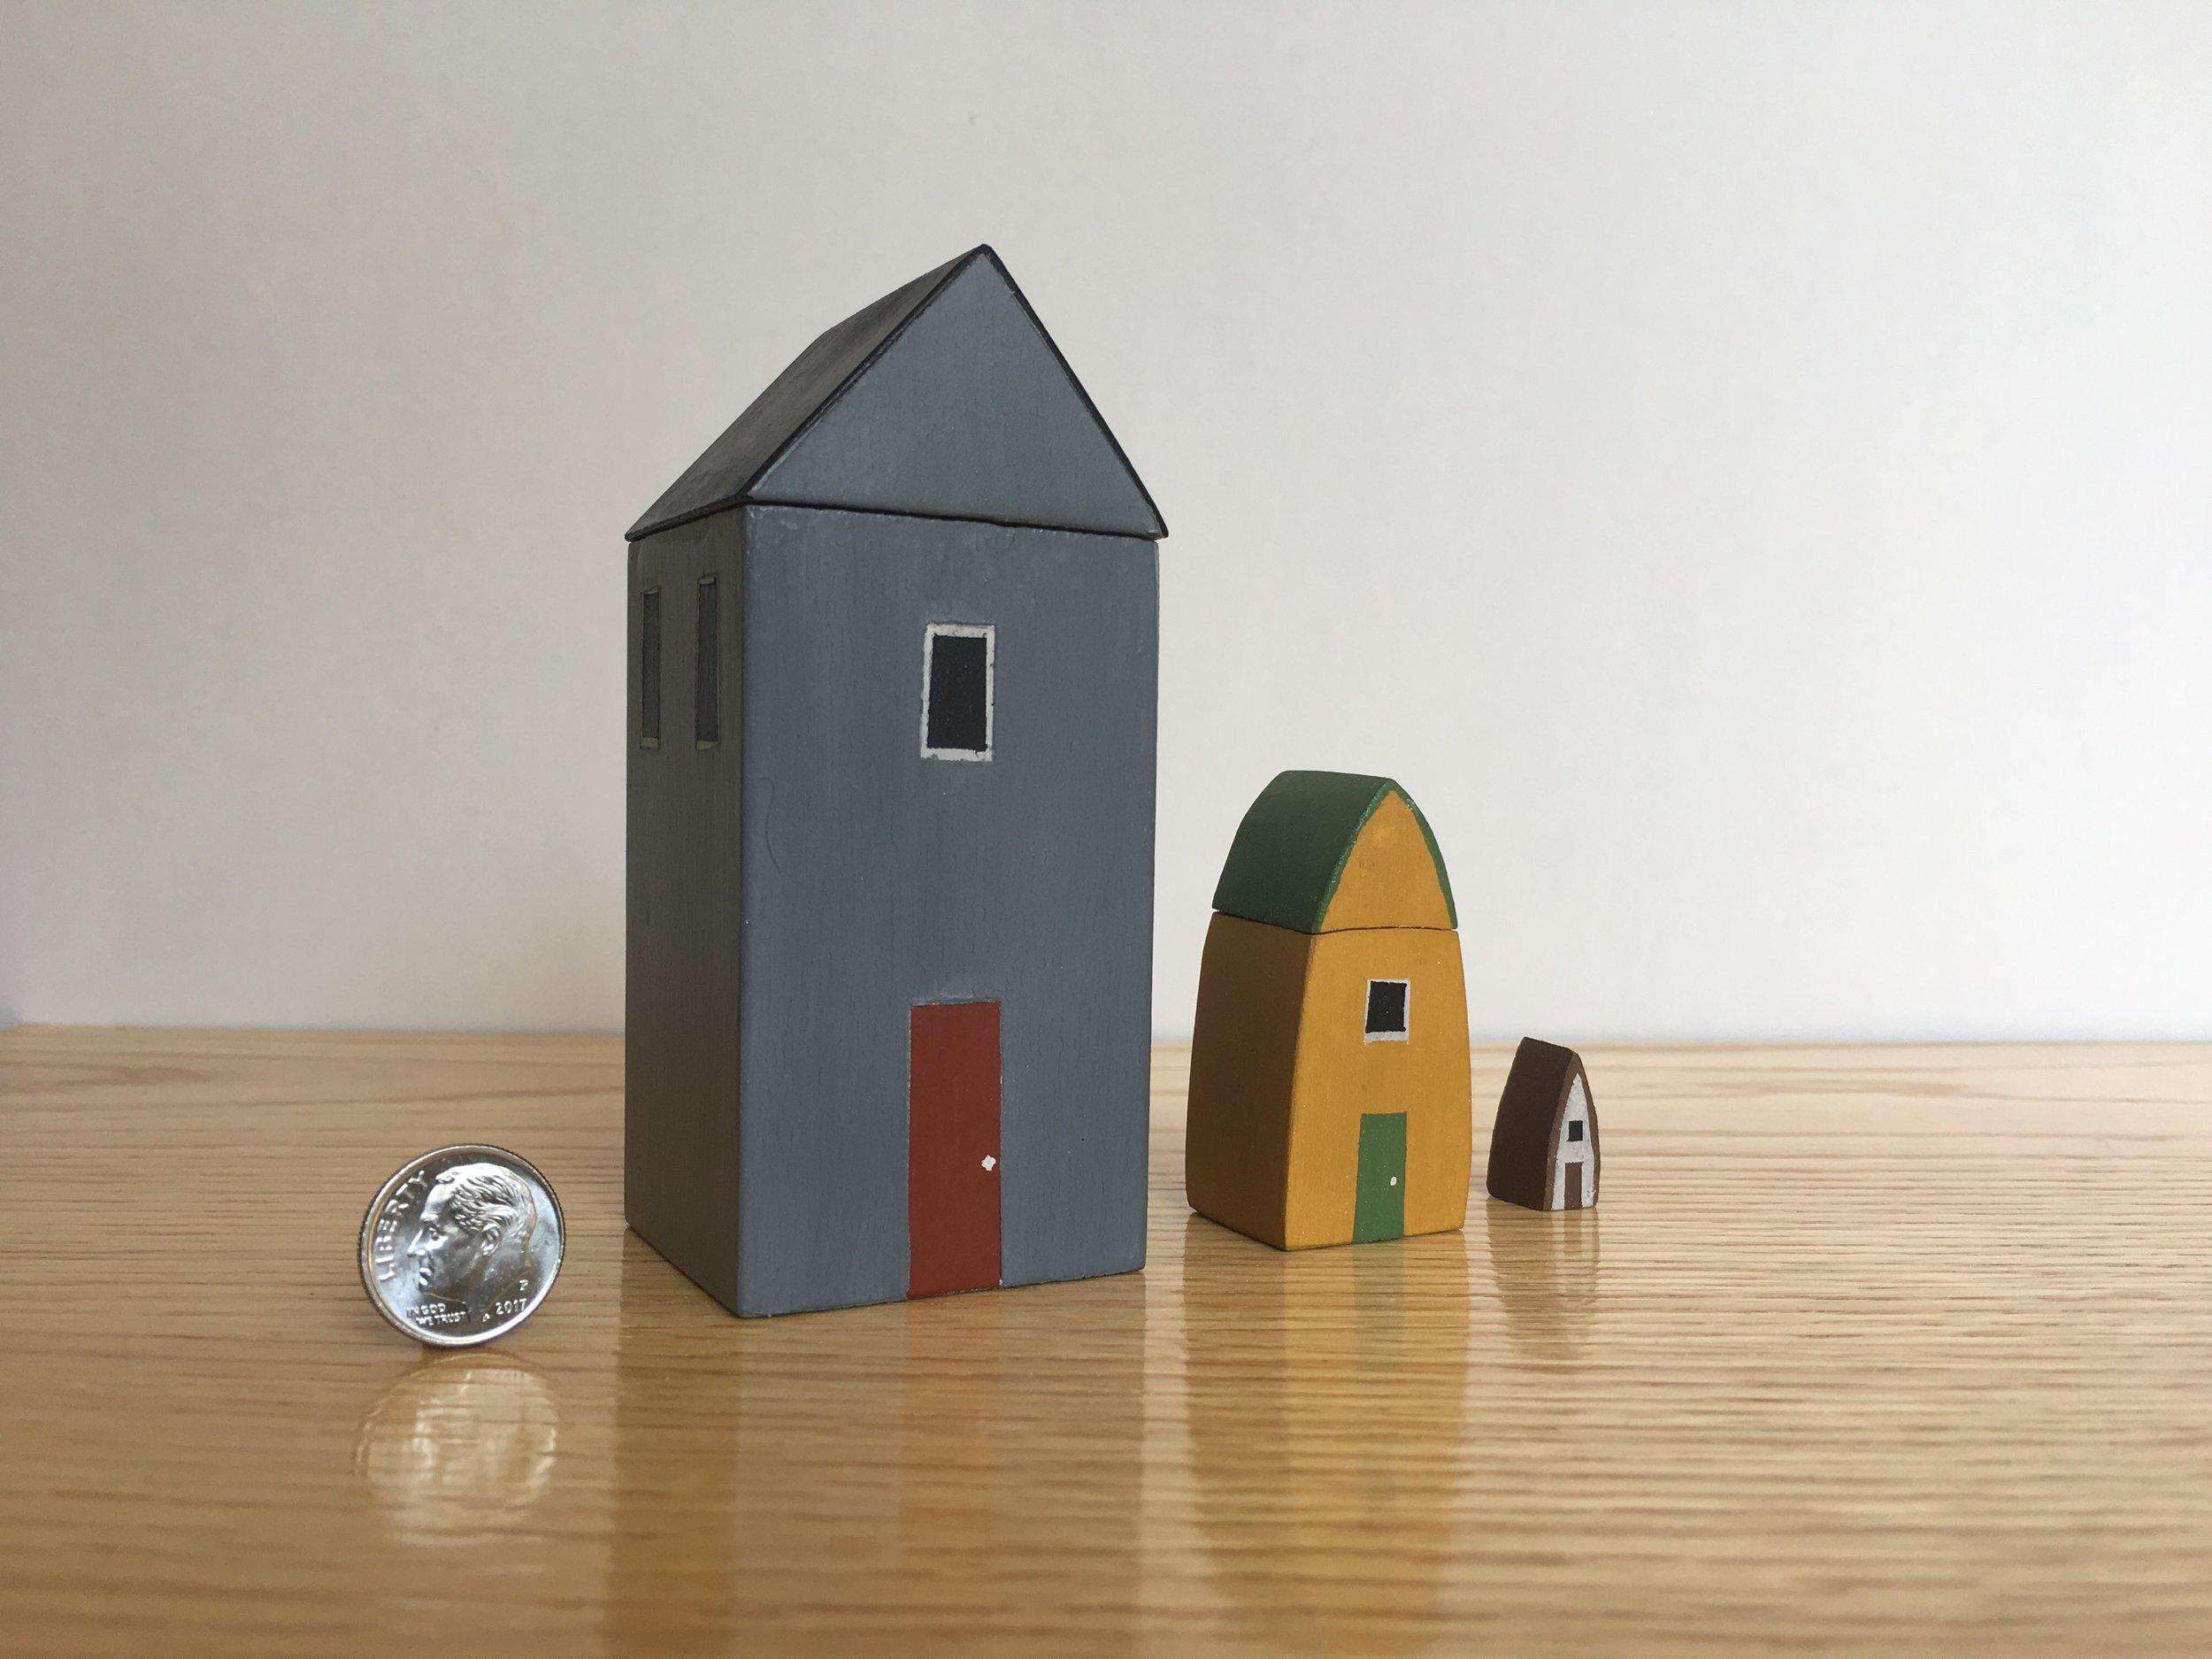 little-nested-bandsaw-box-houses-dean-babin